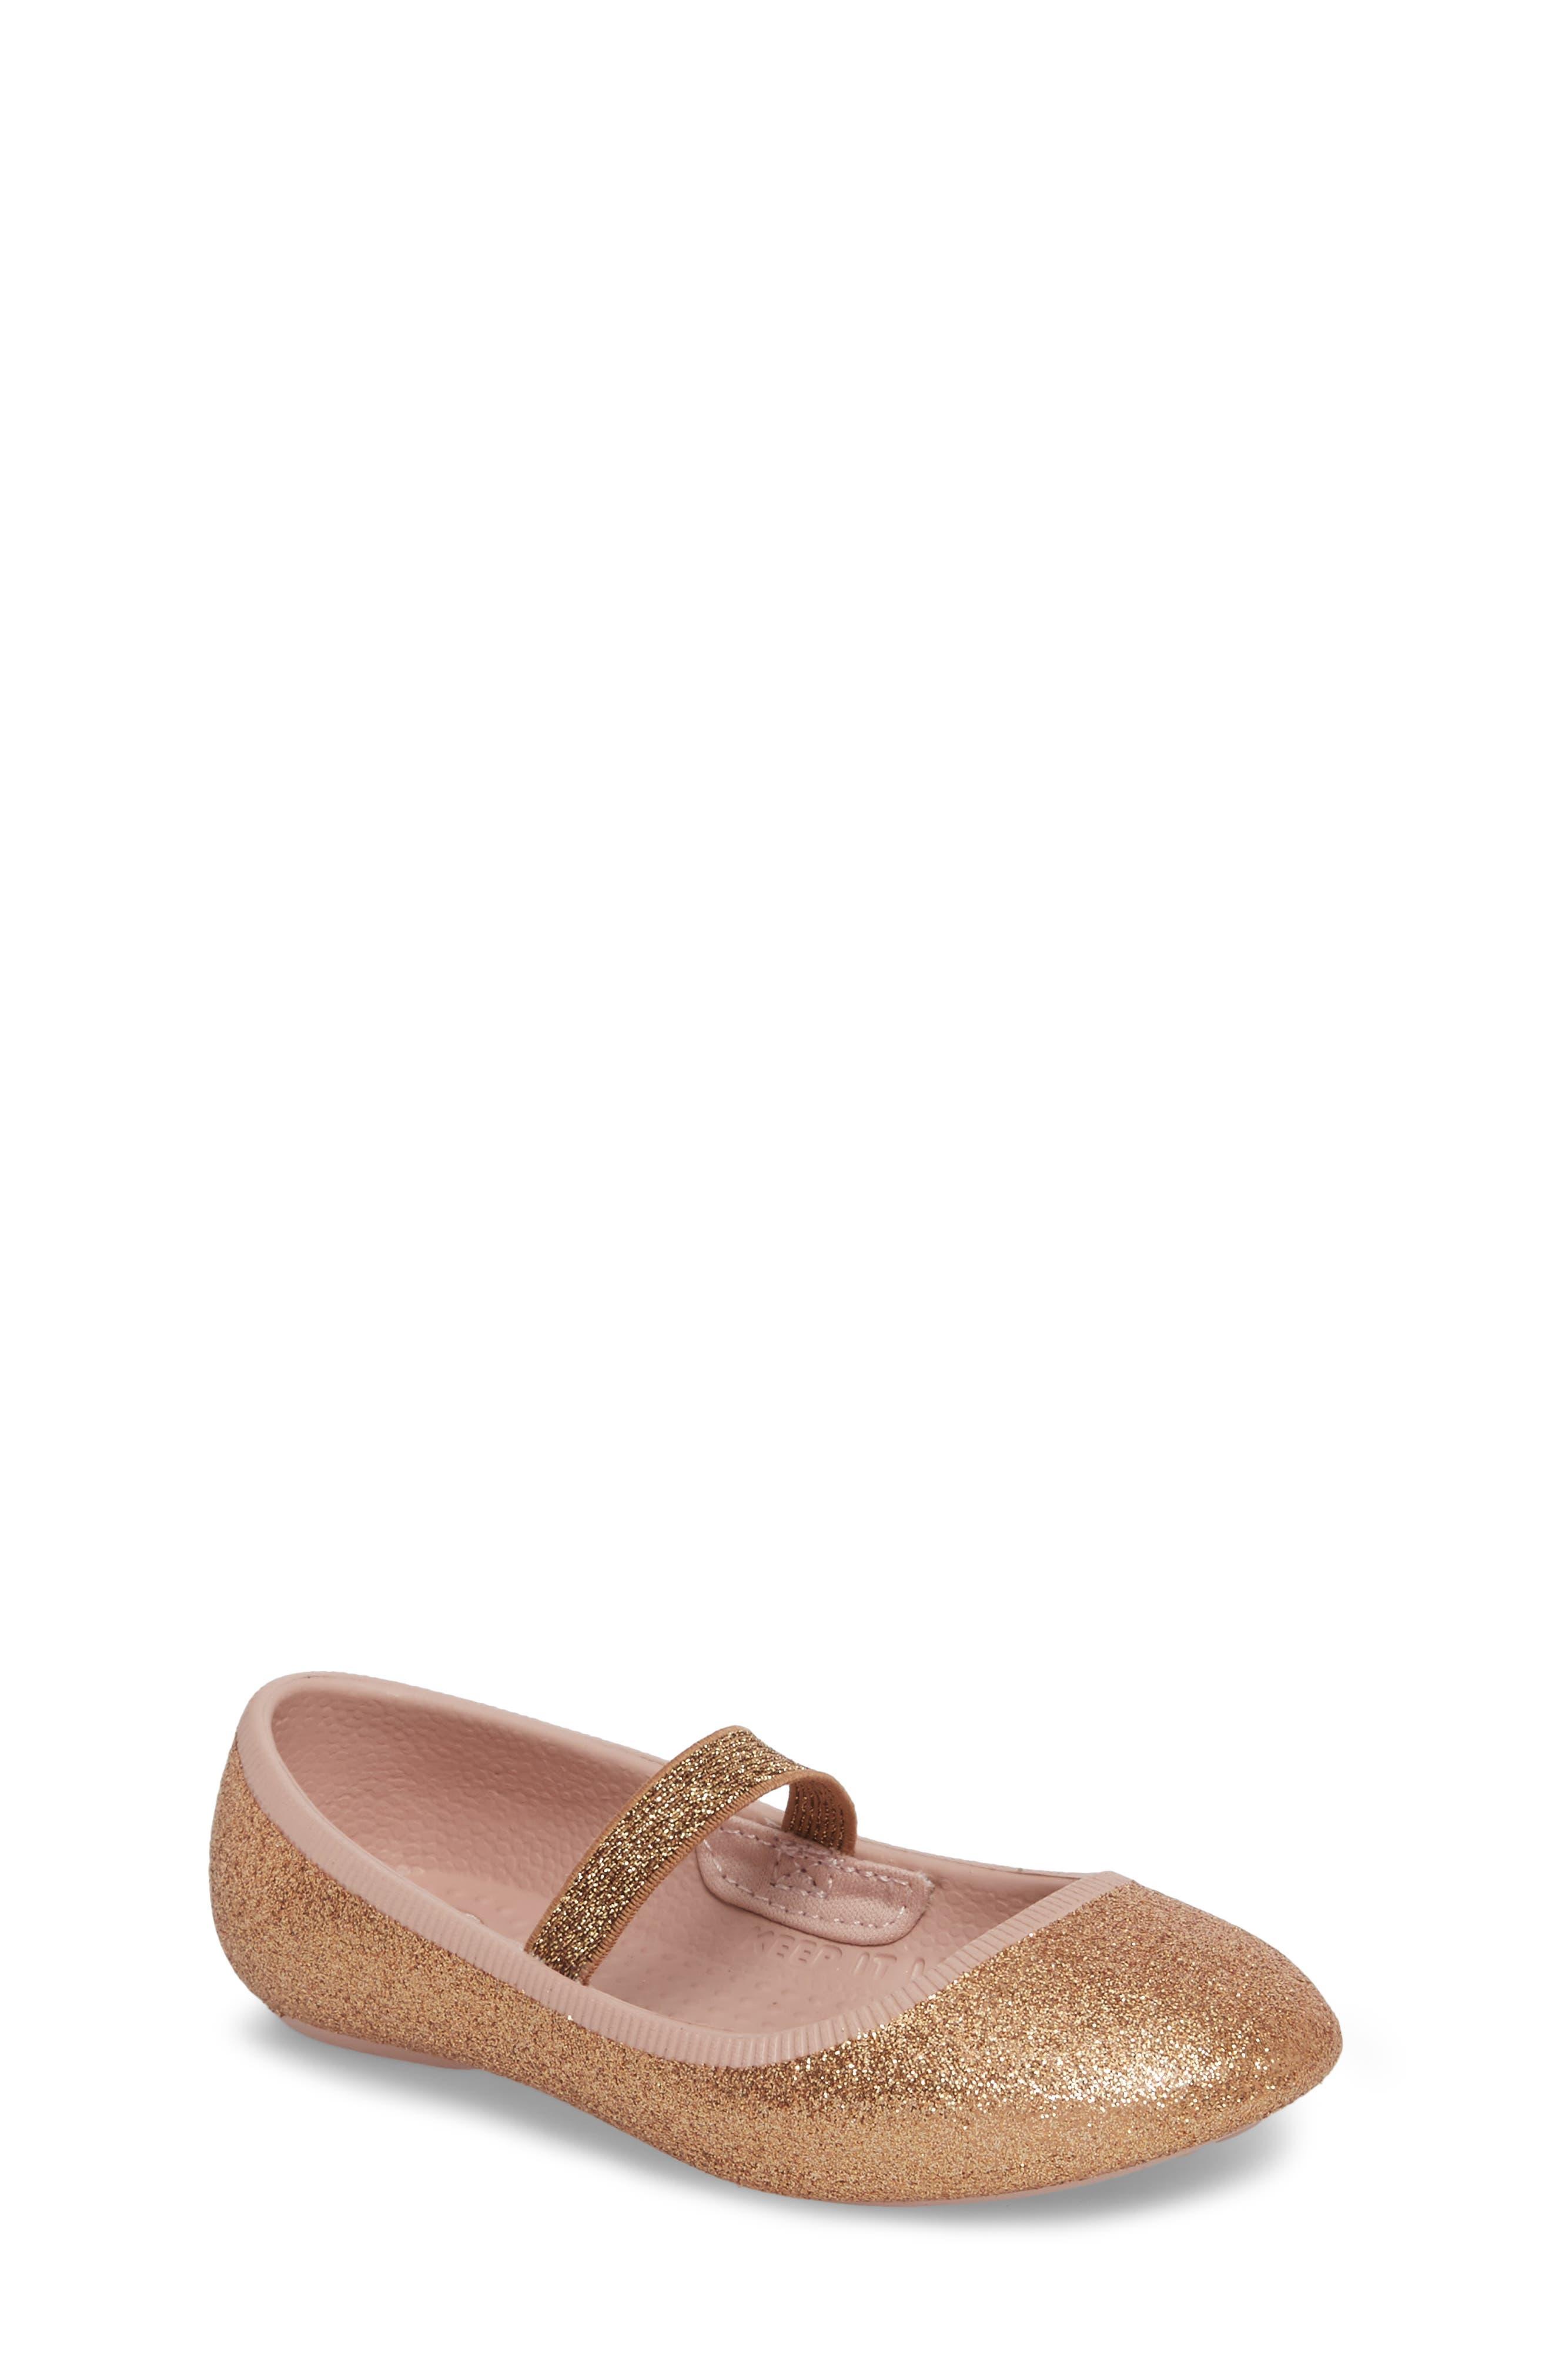 Native Shoes Margot Bling Glitter Mary Jane (Baby, Walker, Toddler & Little  Kid)